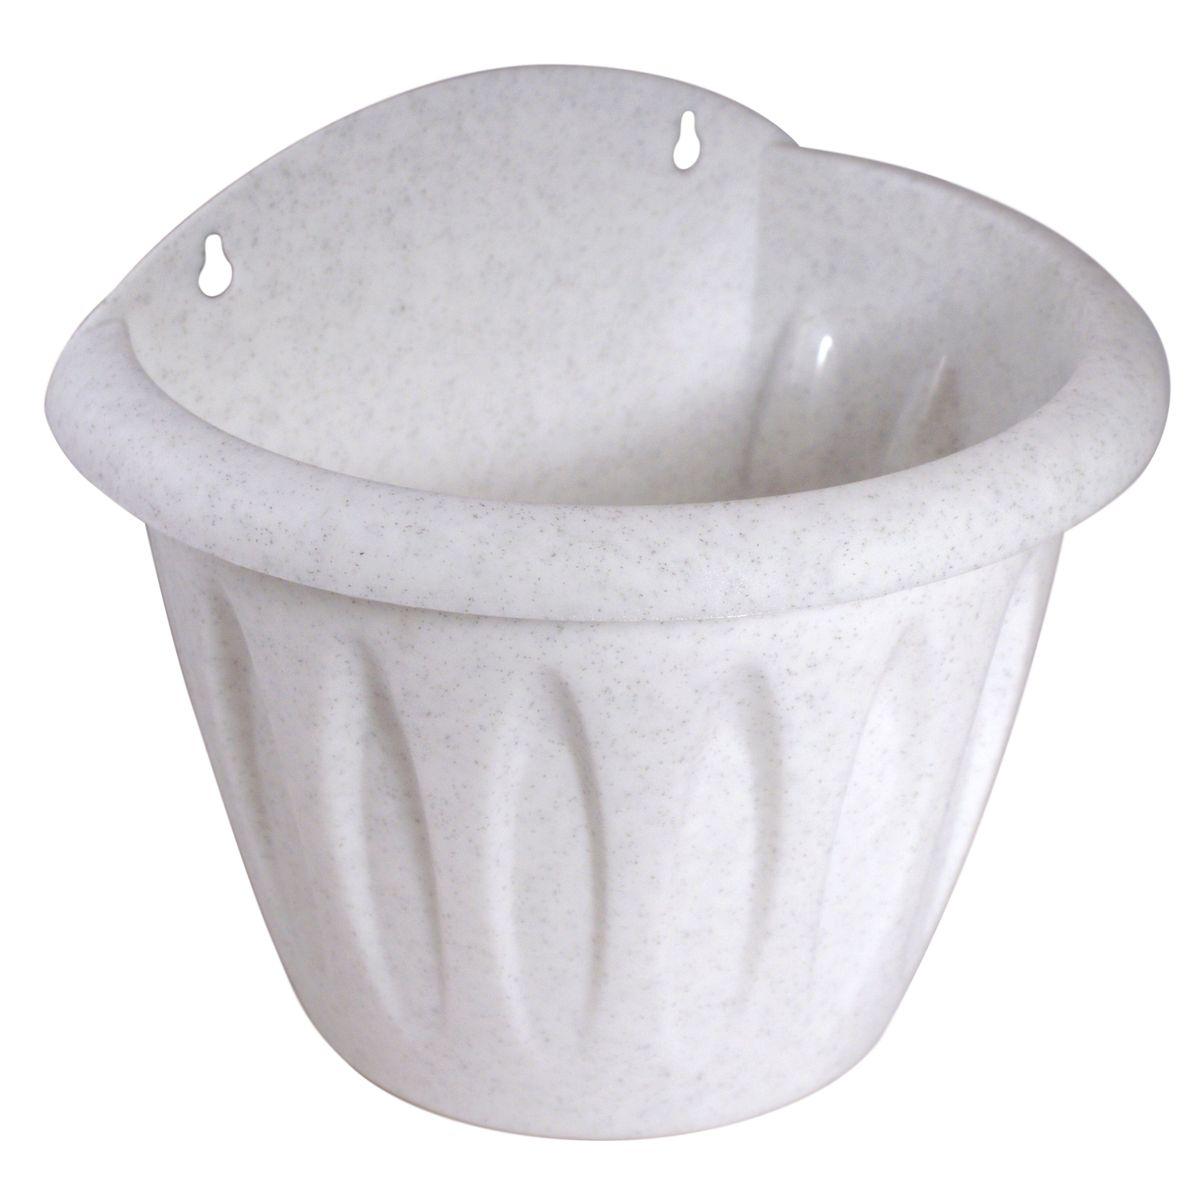 Кашпо настенное Martika Фелиция, цвет: мрамор, 20 х 14,6 х 17,3 смMRC121MНастенное кашпо Martika Фелиция изготовлено из высококачественного пластика и имеет два удобных отверстия для крепления. Изделие прекрасно подойдет для выращивания растений дома и на приусадебных участках. Размер изделия: 20 х 14,6 х 17,3 см.